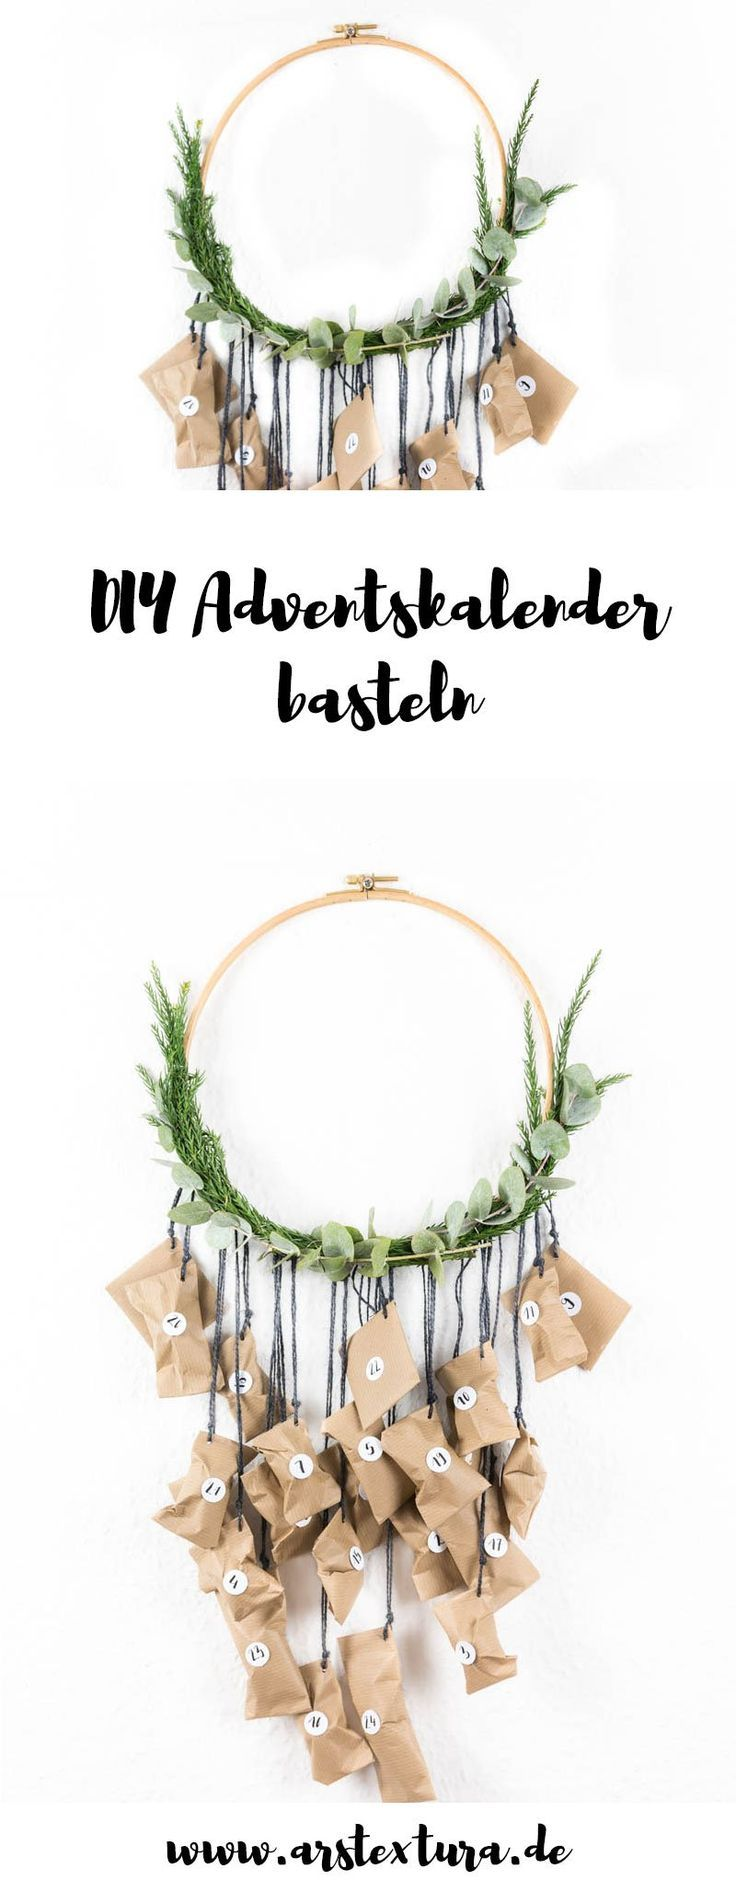 Adventskranz und Adventskalender basteln | ars textura - DIY-Blog